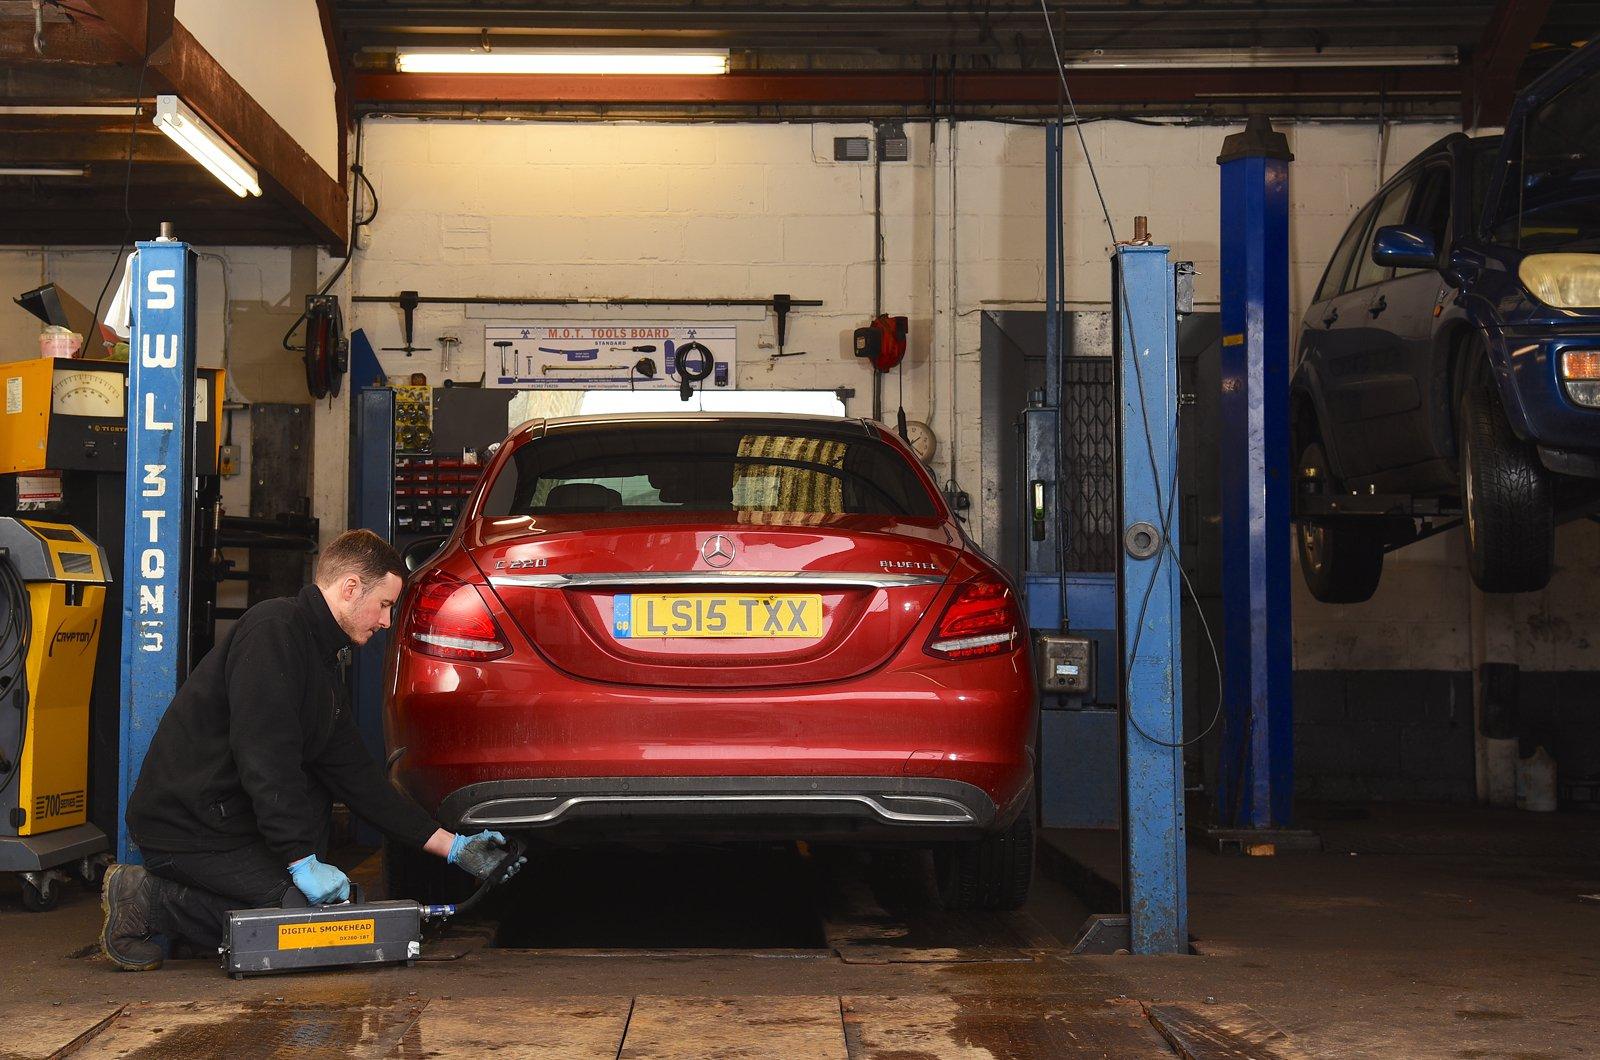 MOT garage - Mercedes C-Class being tested